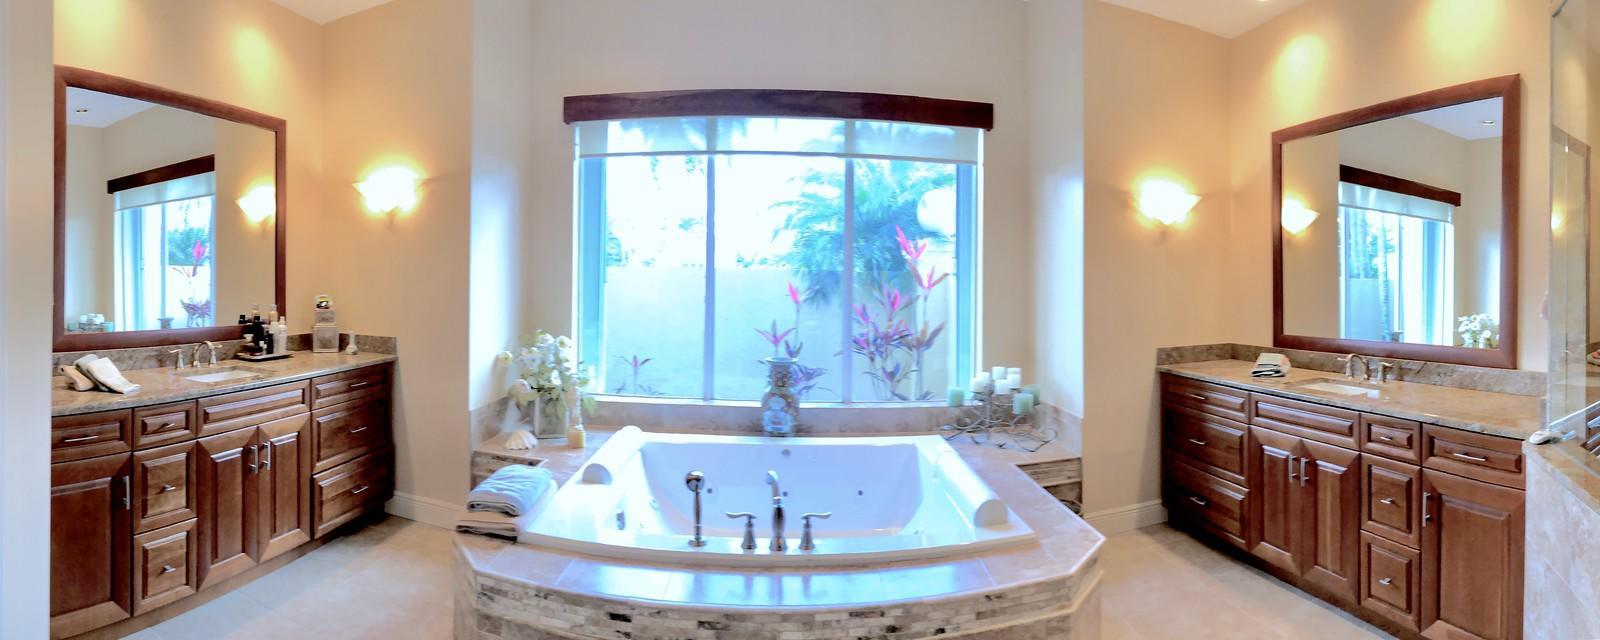 10842 Egret Pointe Lane West Palm Beach, FL 33412 photo 7